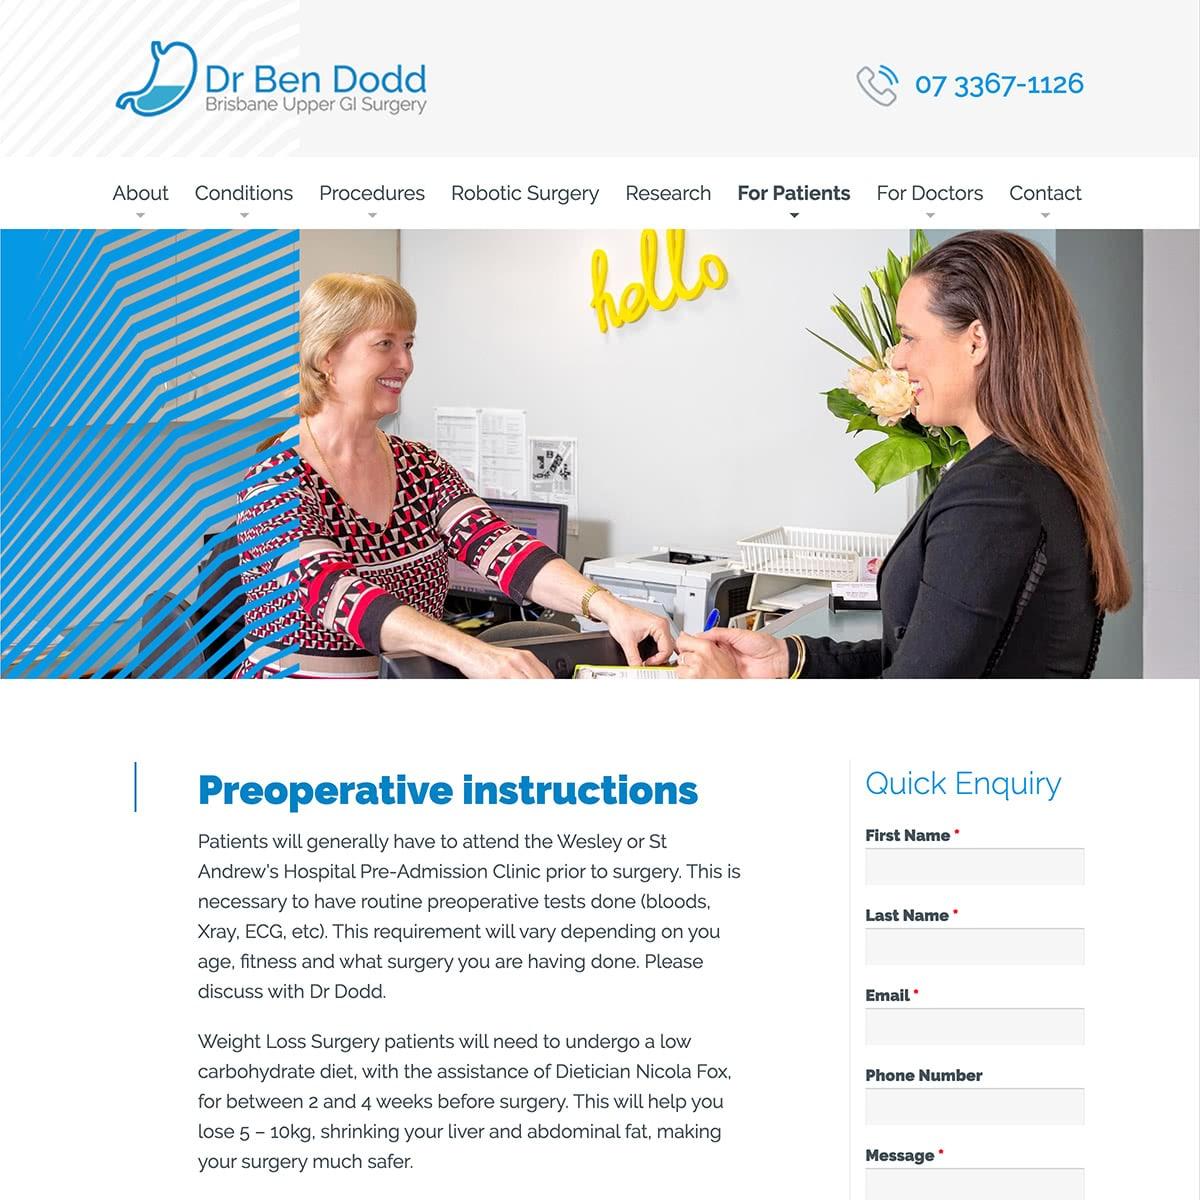 Dr Ben Dodd - For Patients